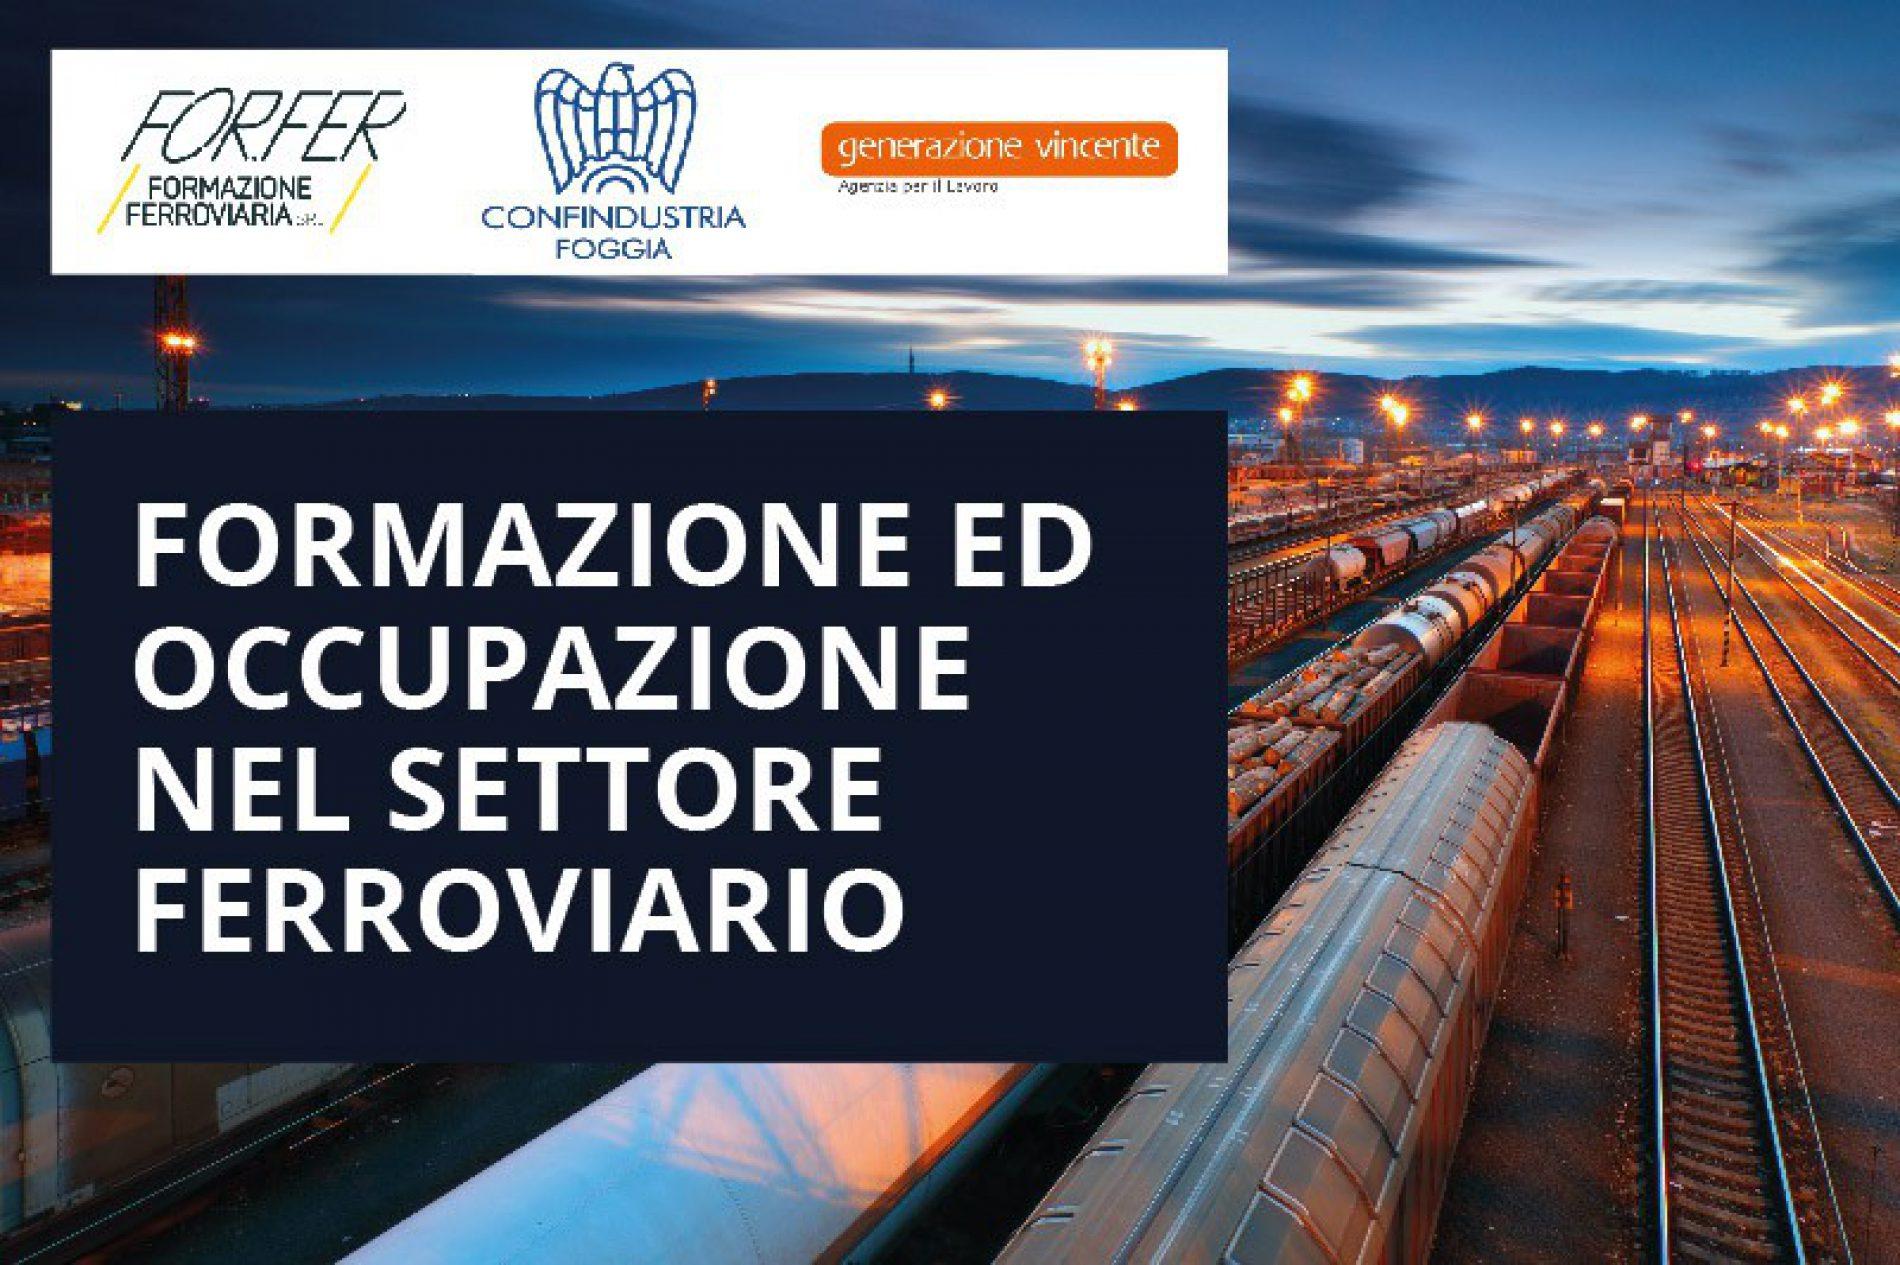 Conferenza stampa: Formazione ed occupazione nel settore ferroviario